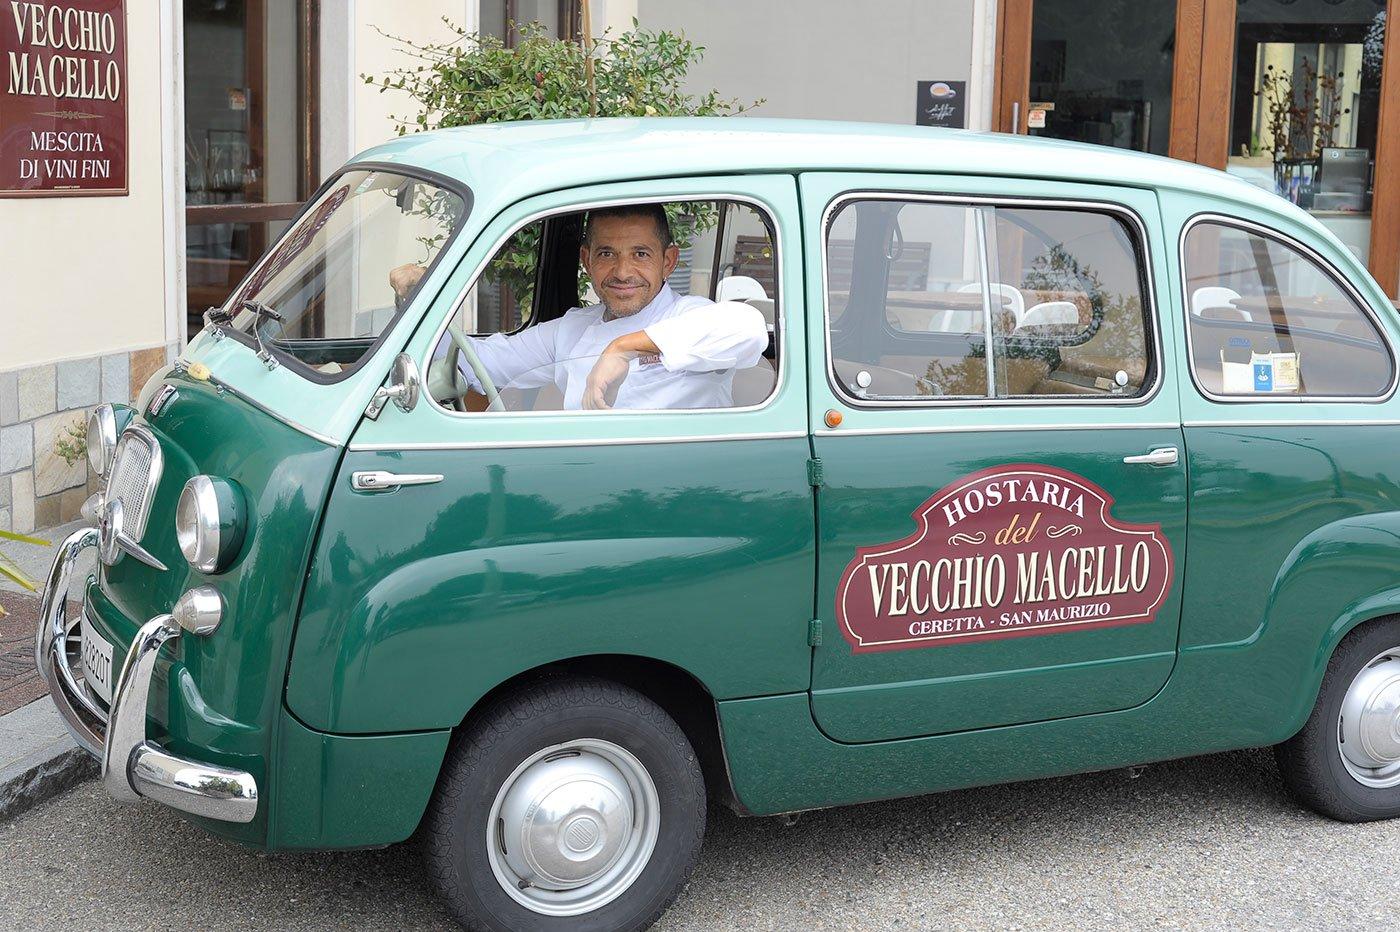 Un uomo dentro una vecchia macchina verde